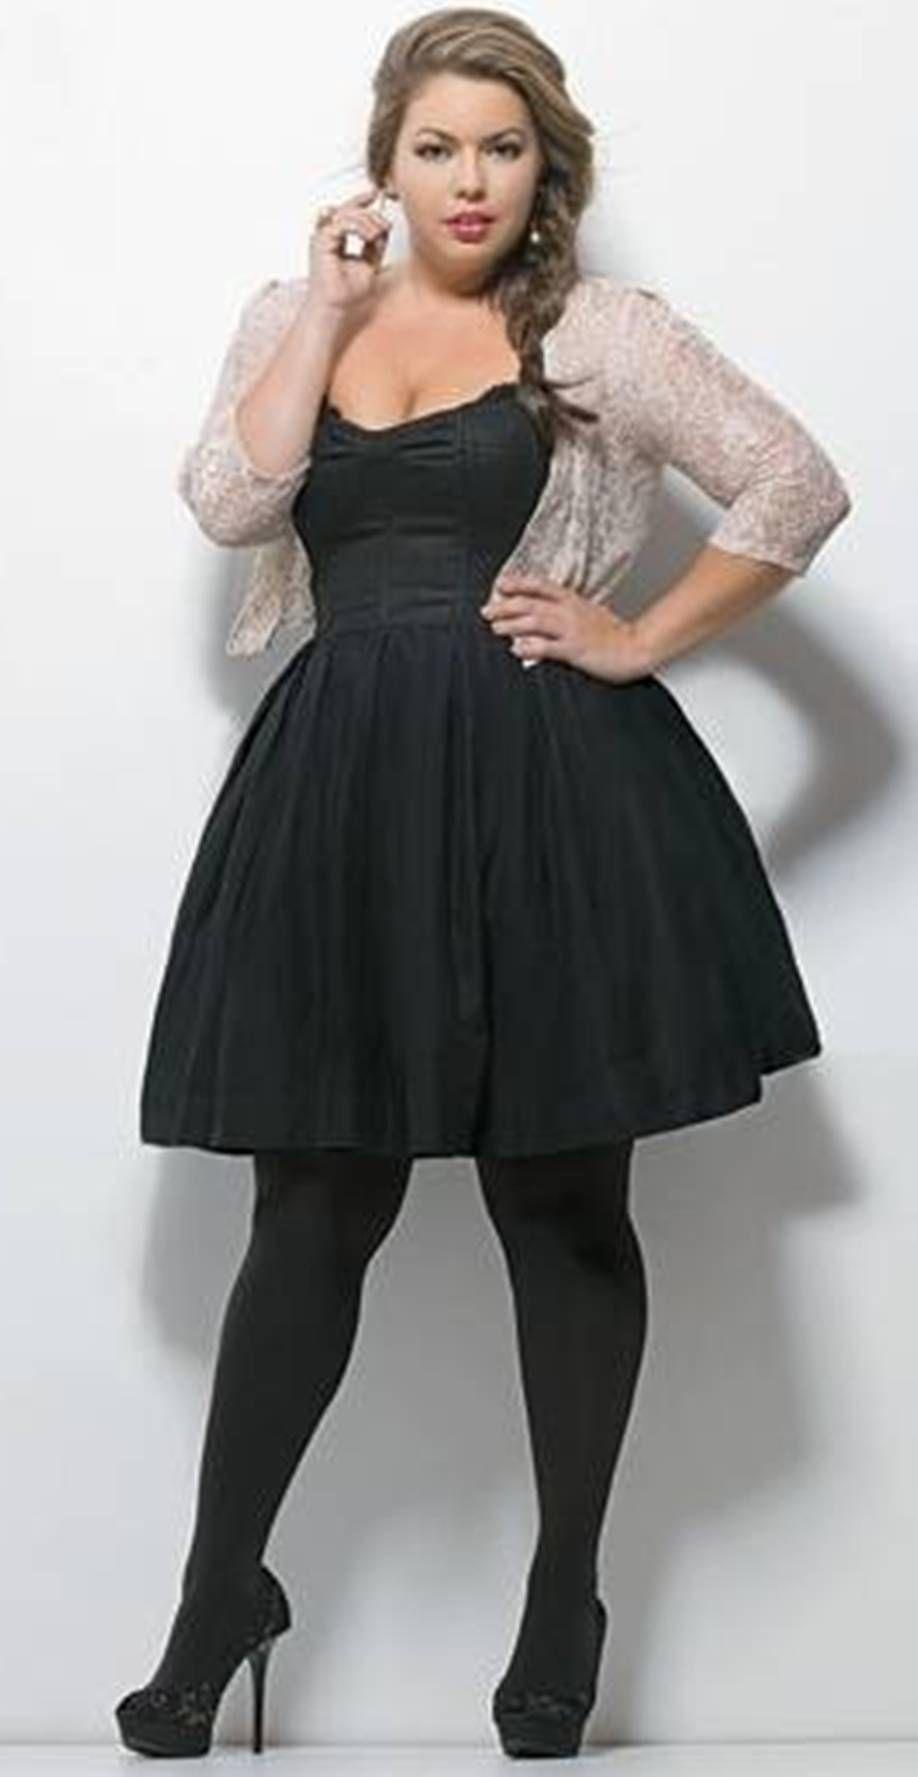 Plus Size Little Black Dress In 2020 Plus Size Dresses Fashion Plus Size Outfits